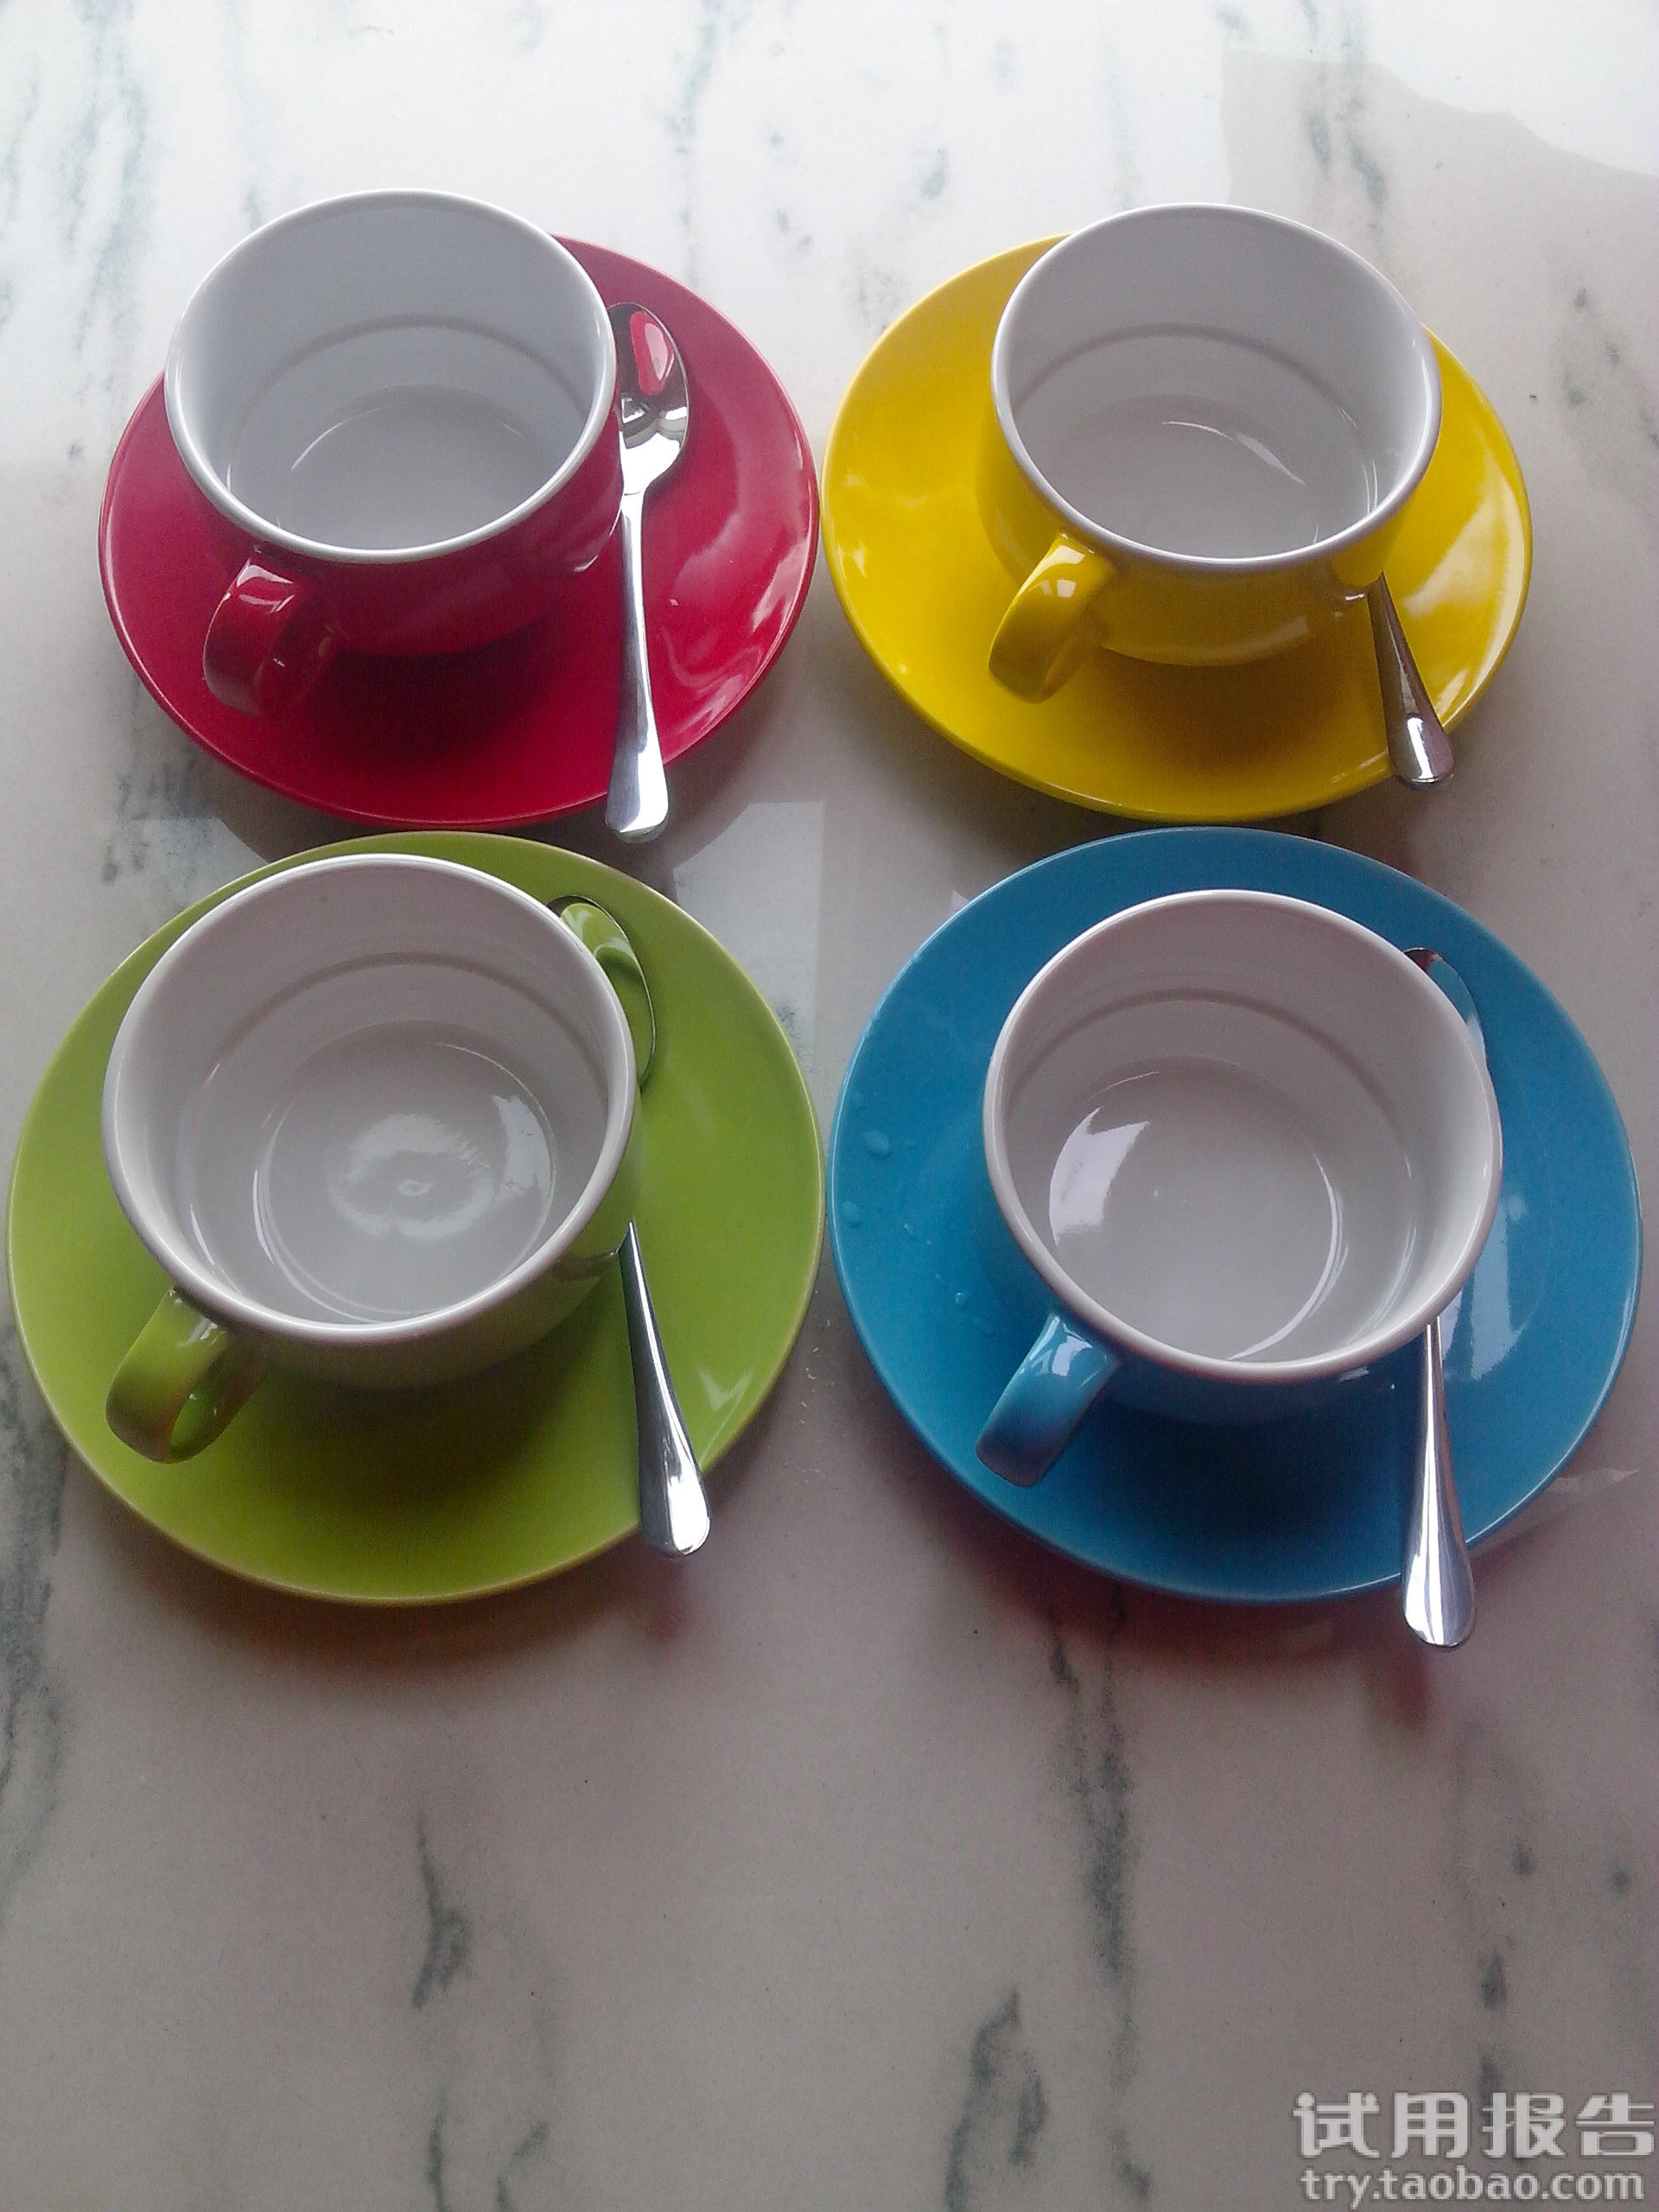 欧式陶瓷咖啡杯套装试用报告-淘宝试用